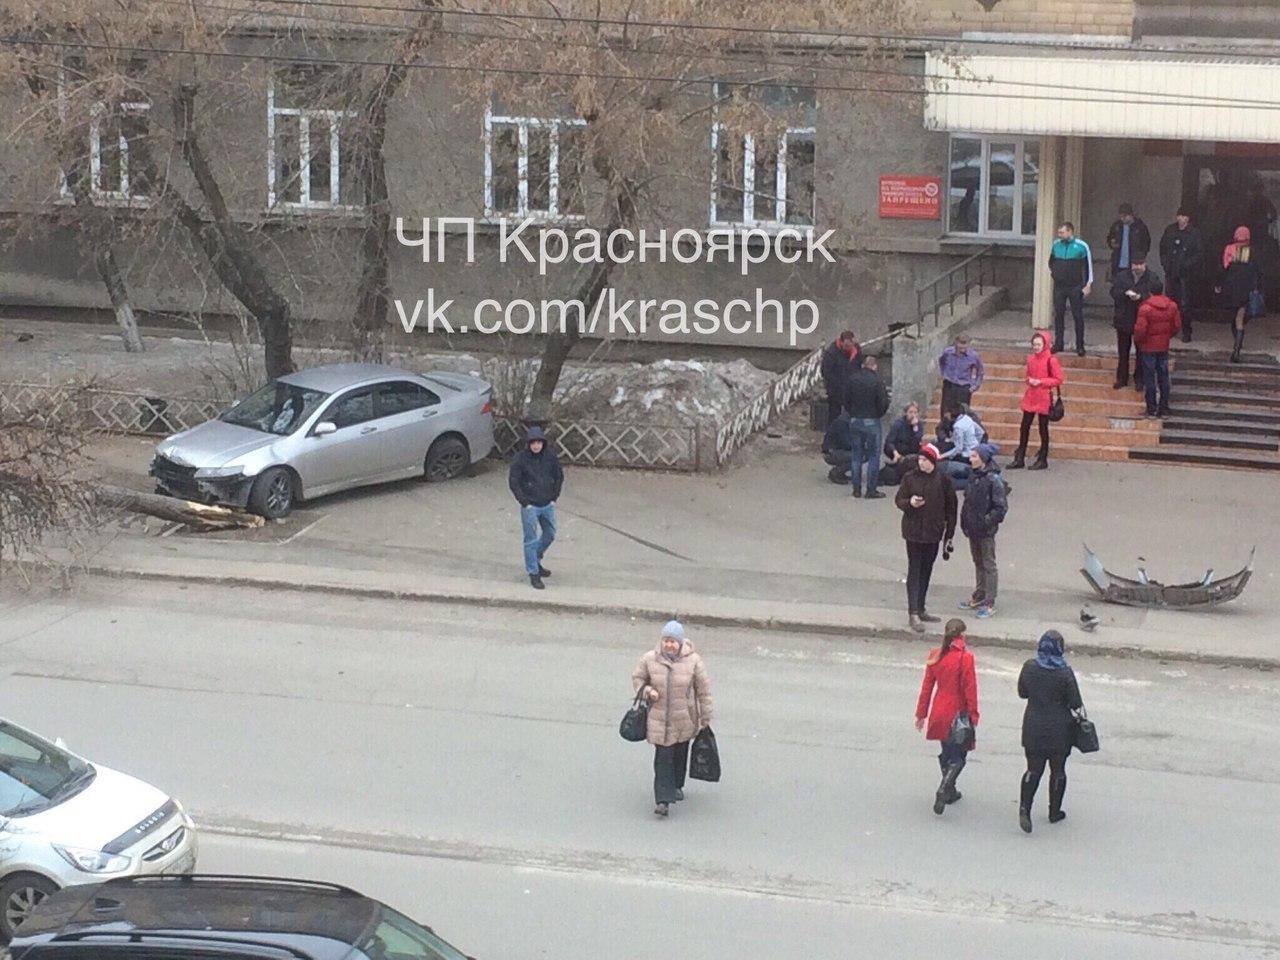 ВКрасноярске Хонда  наскорости вылетела на«зебру», пострадали люди